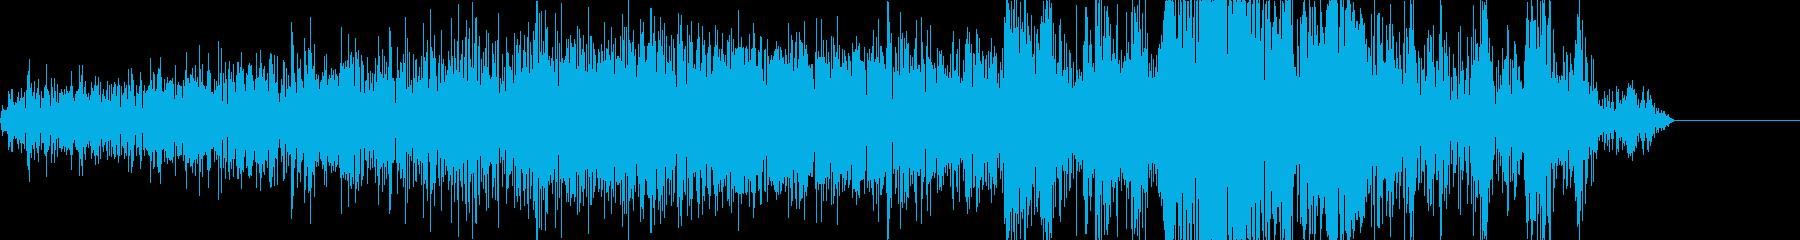 モーターや機械、ロボットなどの駆動音の再生済みの波形